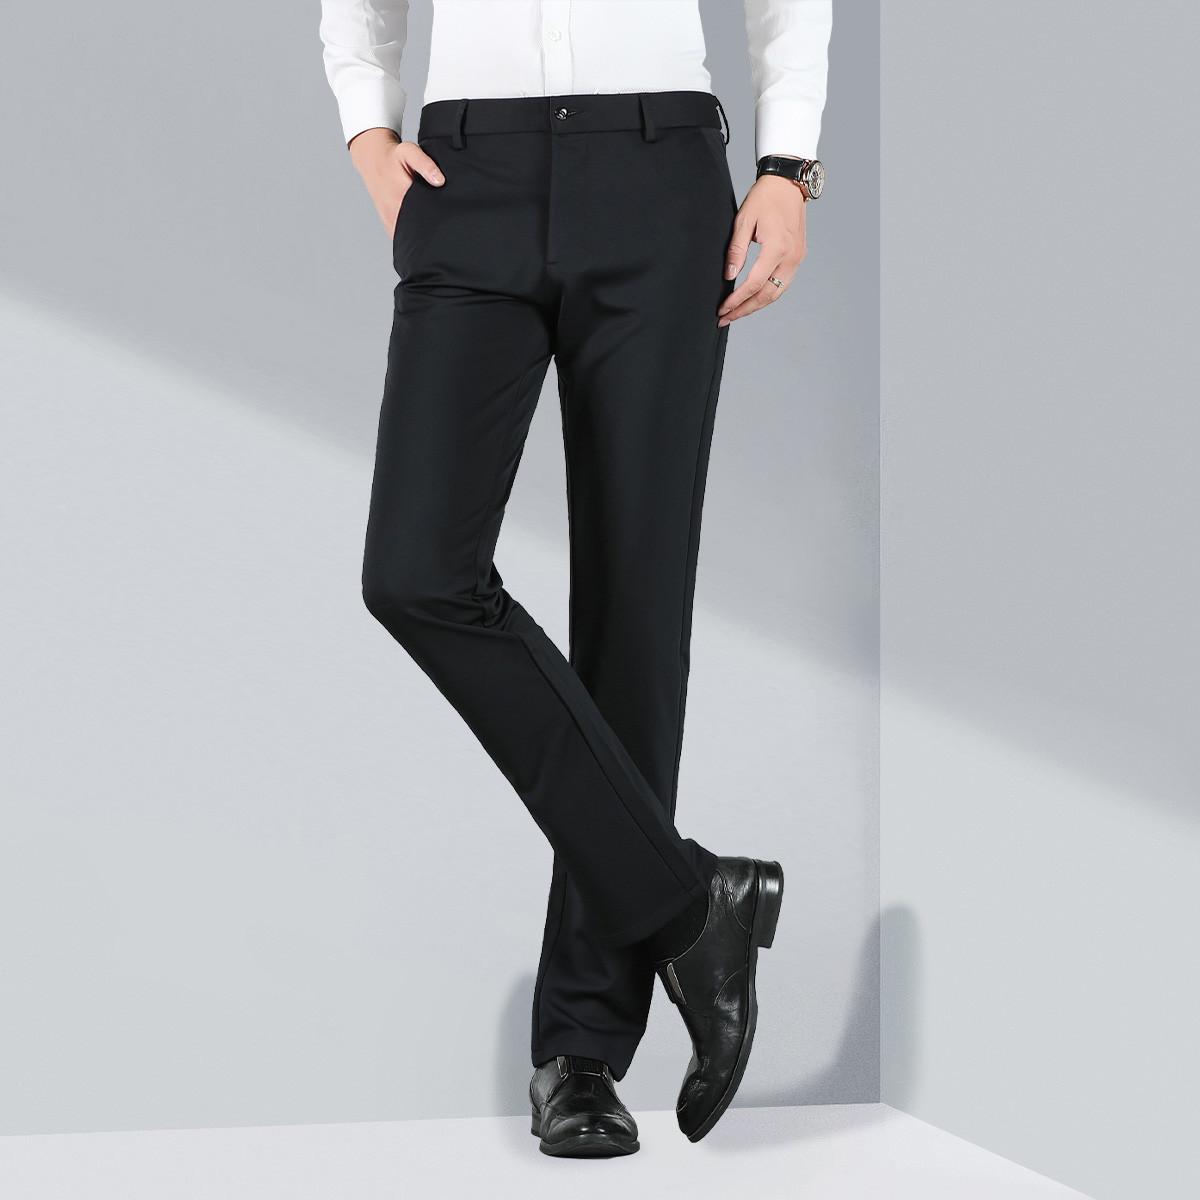 PTDX000711 男款休闲裤